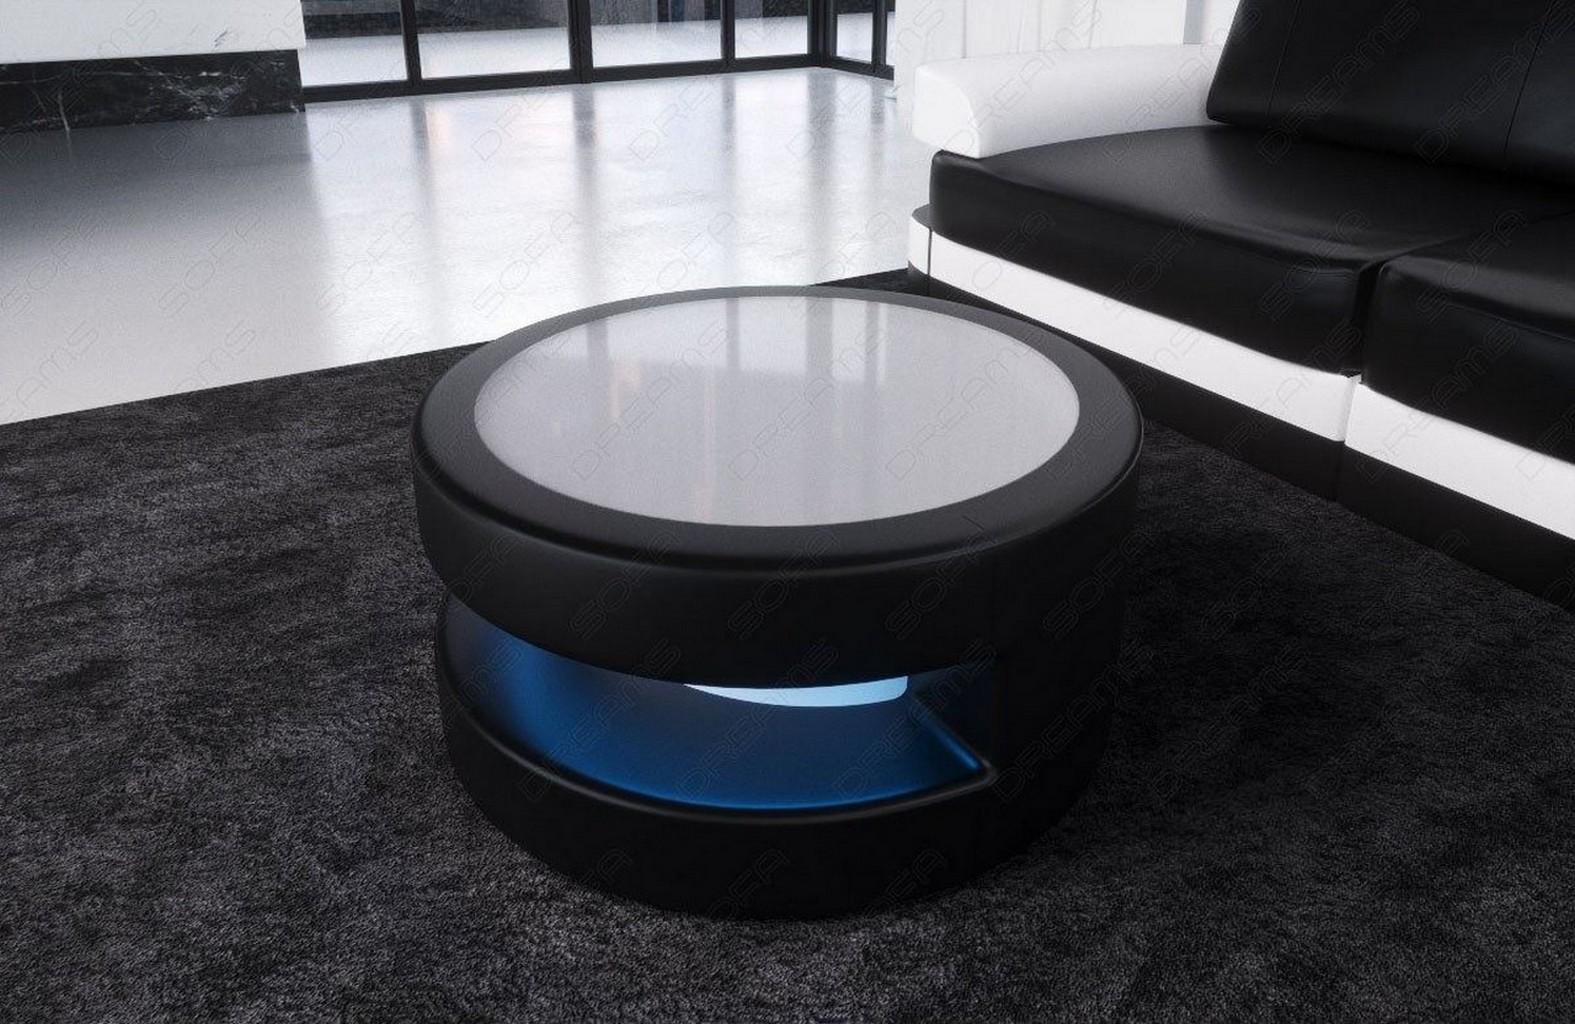 runder couchtisch modena design wohnzimmertisch led beleuchtung leder farbwahl ebay. Black Bedroom Furniture Sets. Home Design Ideas